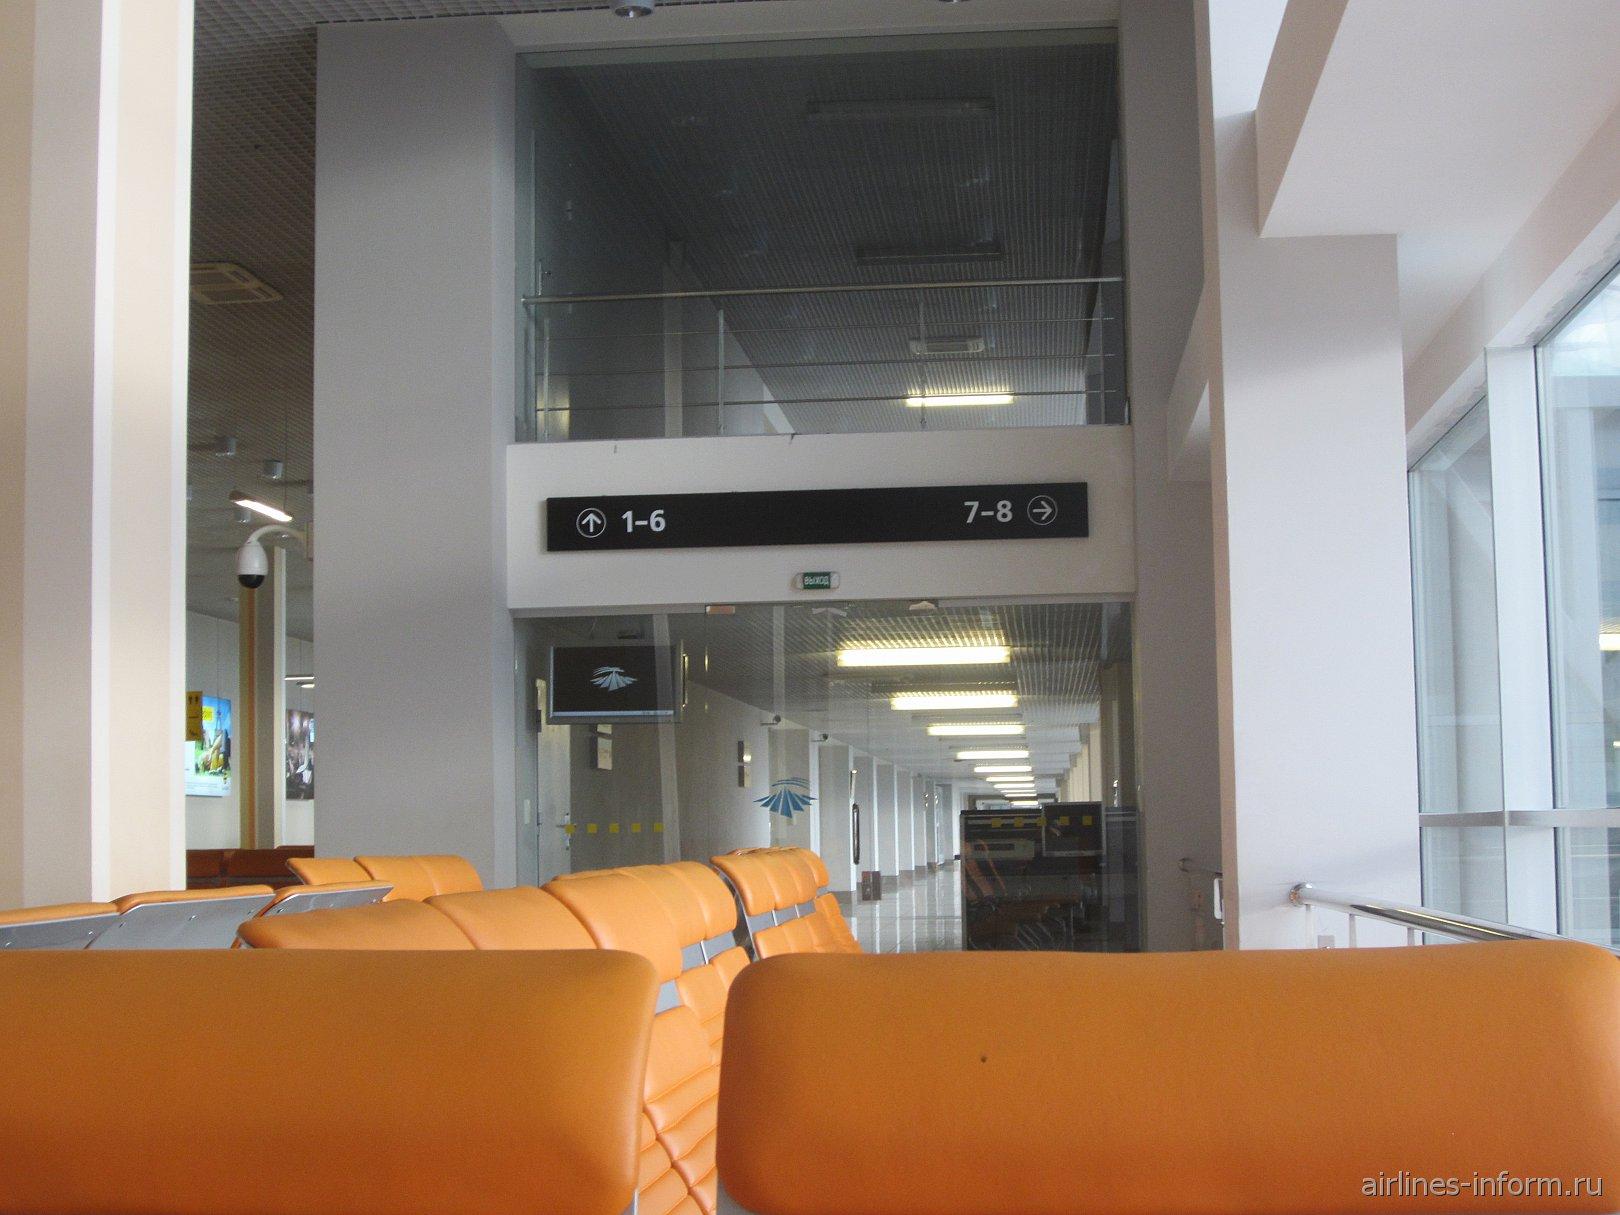 Выходы на посадку в аэропорту Екатеринбург Кольцово